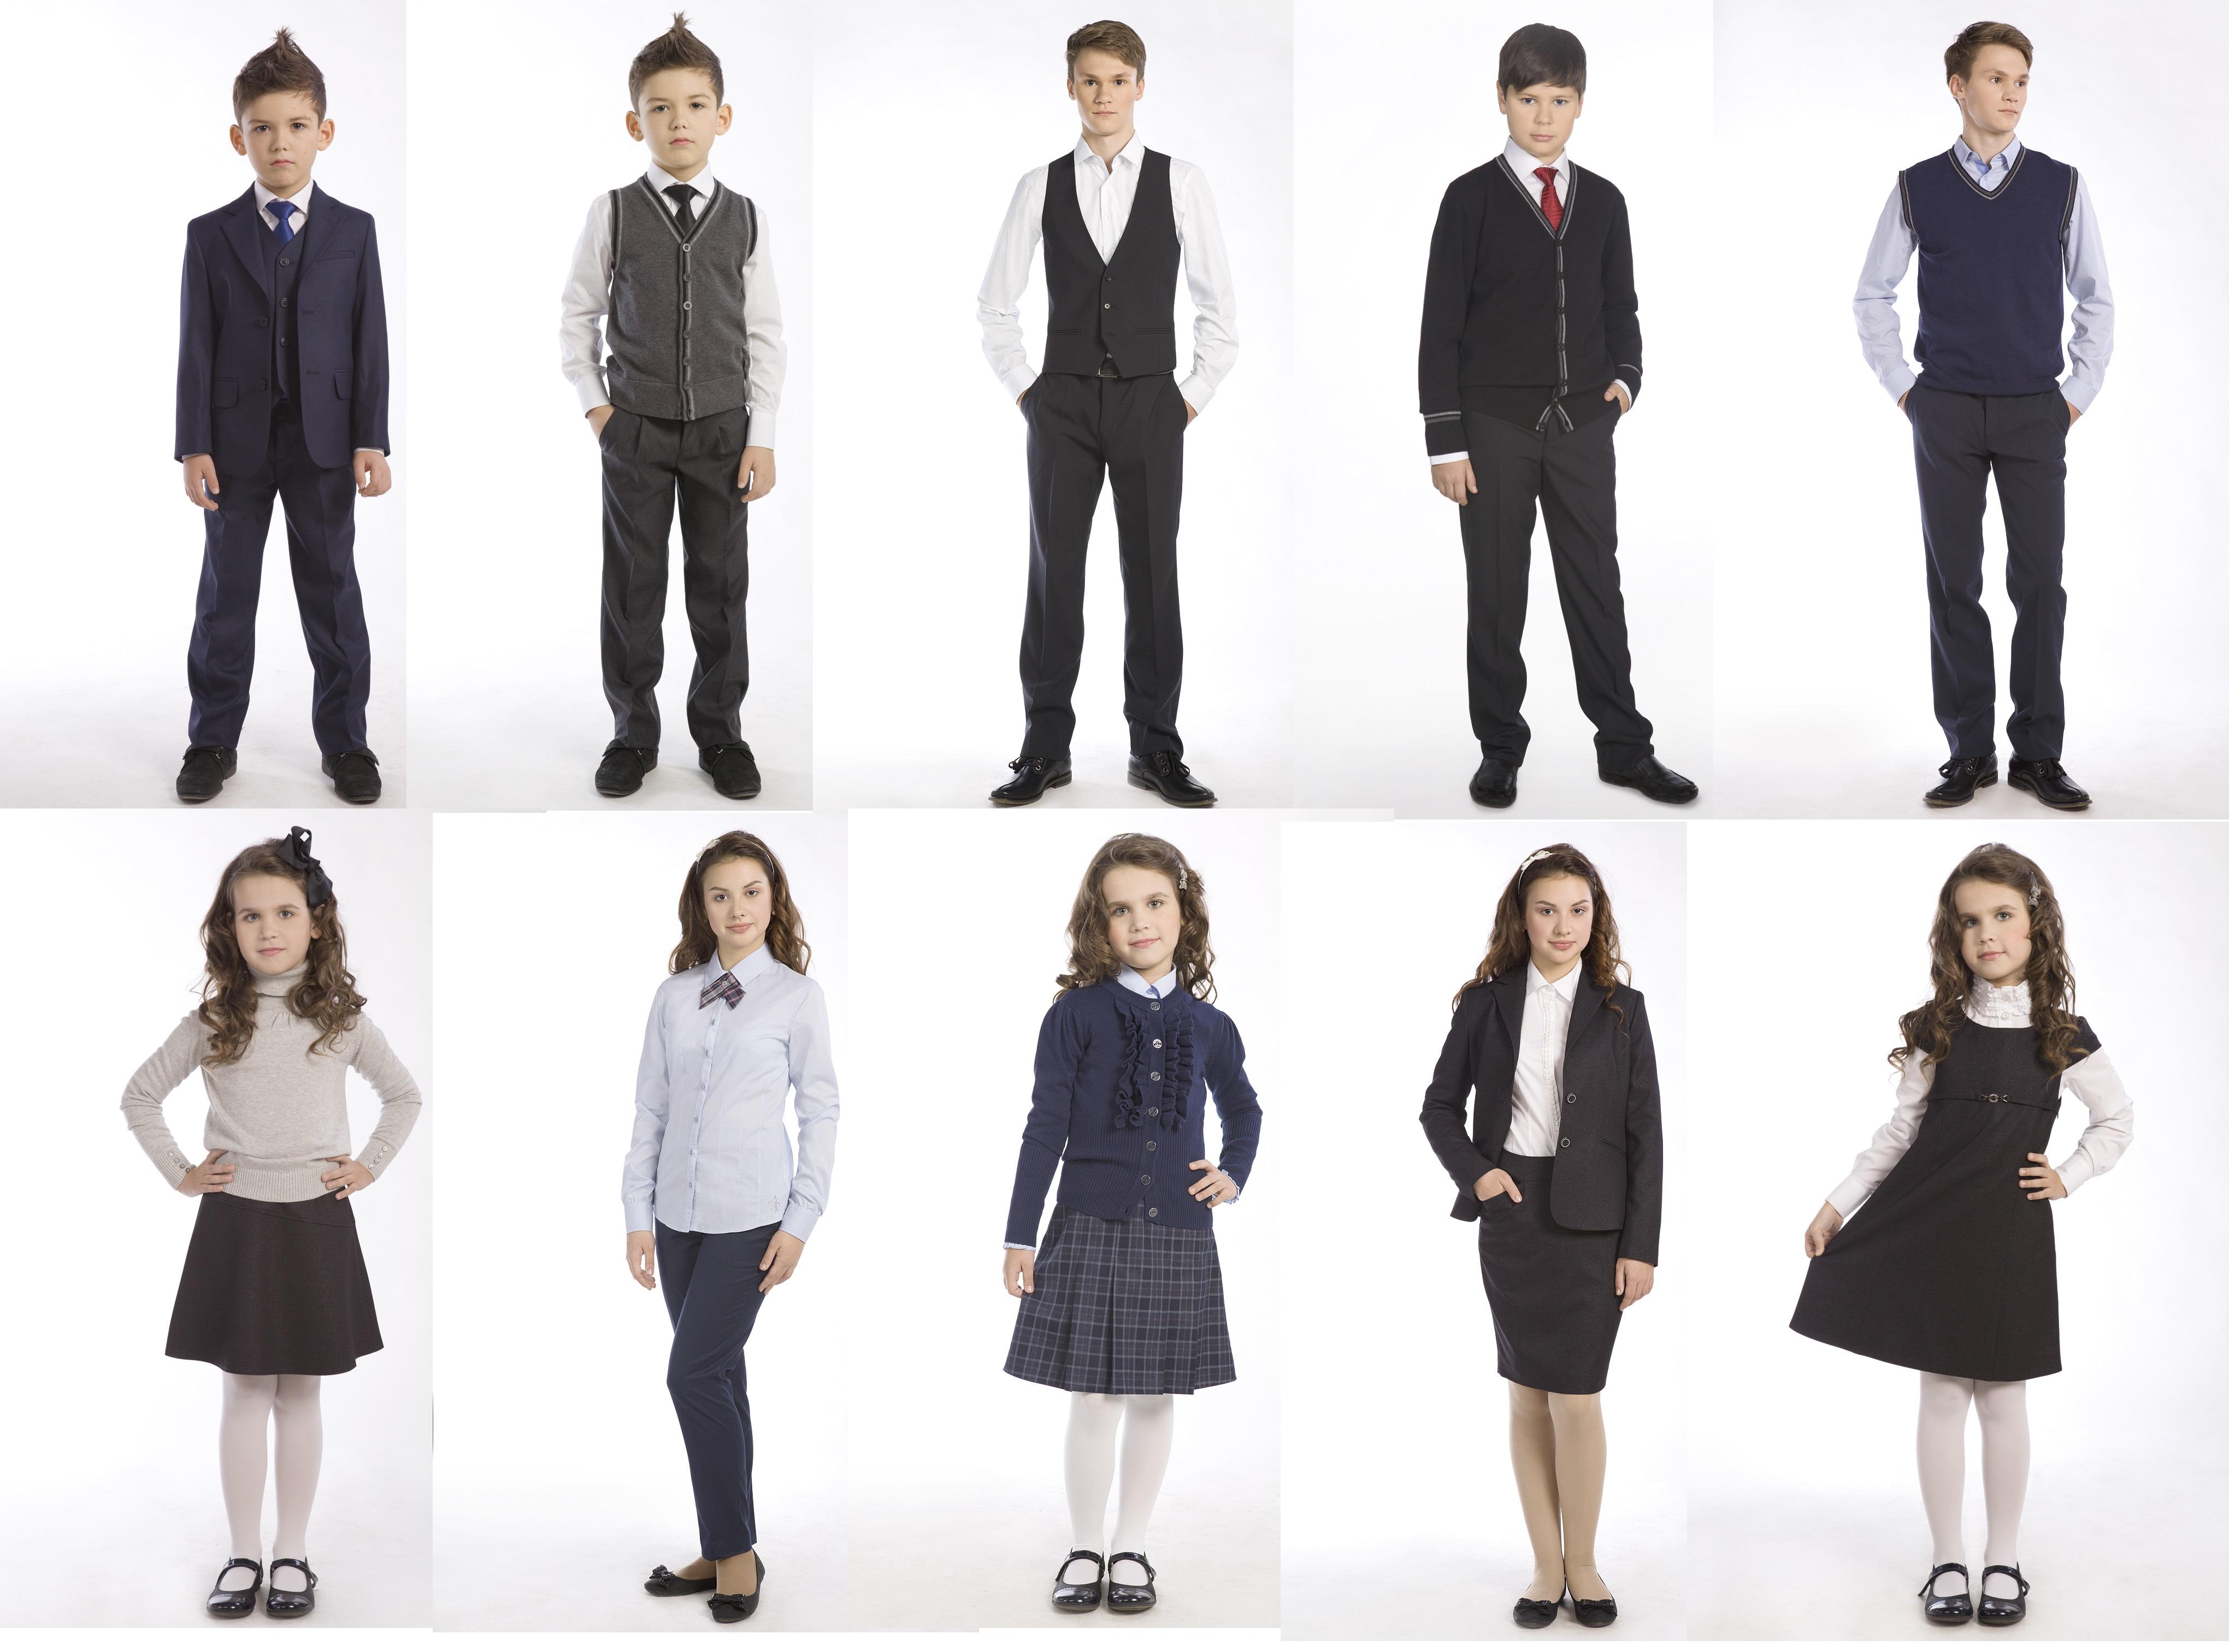 Школьная форма нового поколения! Костюмы для выпускников от 44 р-р на рост от 164-188. Костюмная группа и школьный трикотаж - водолазки, жилеты, кардиганы, рубашки, блузки - 21. На рост от 116 до 188. Без рядов!